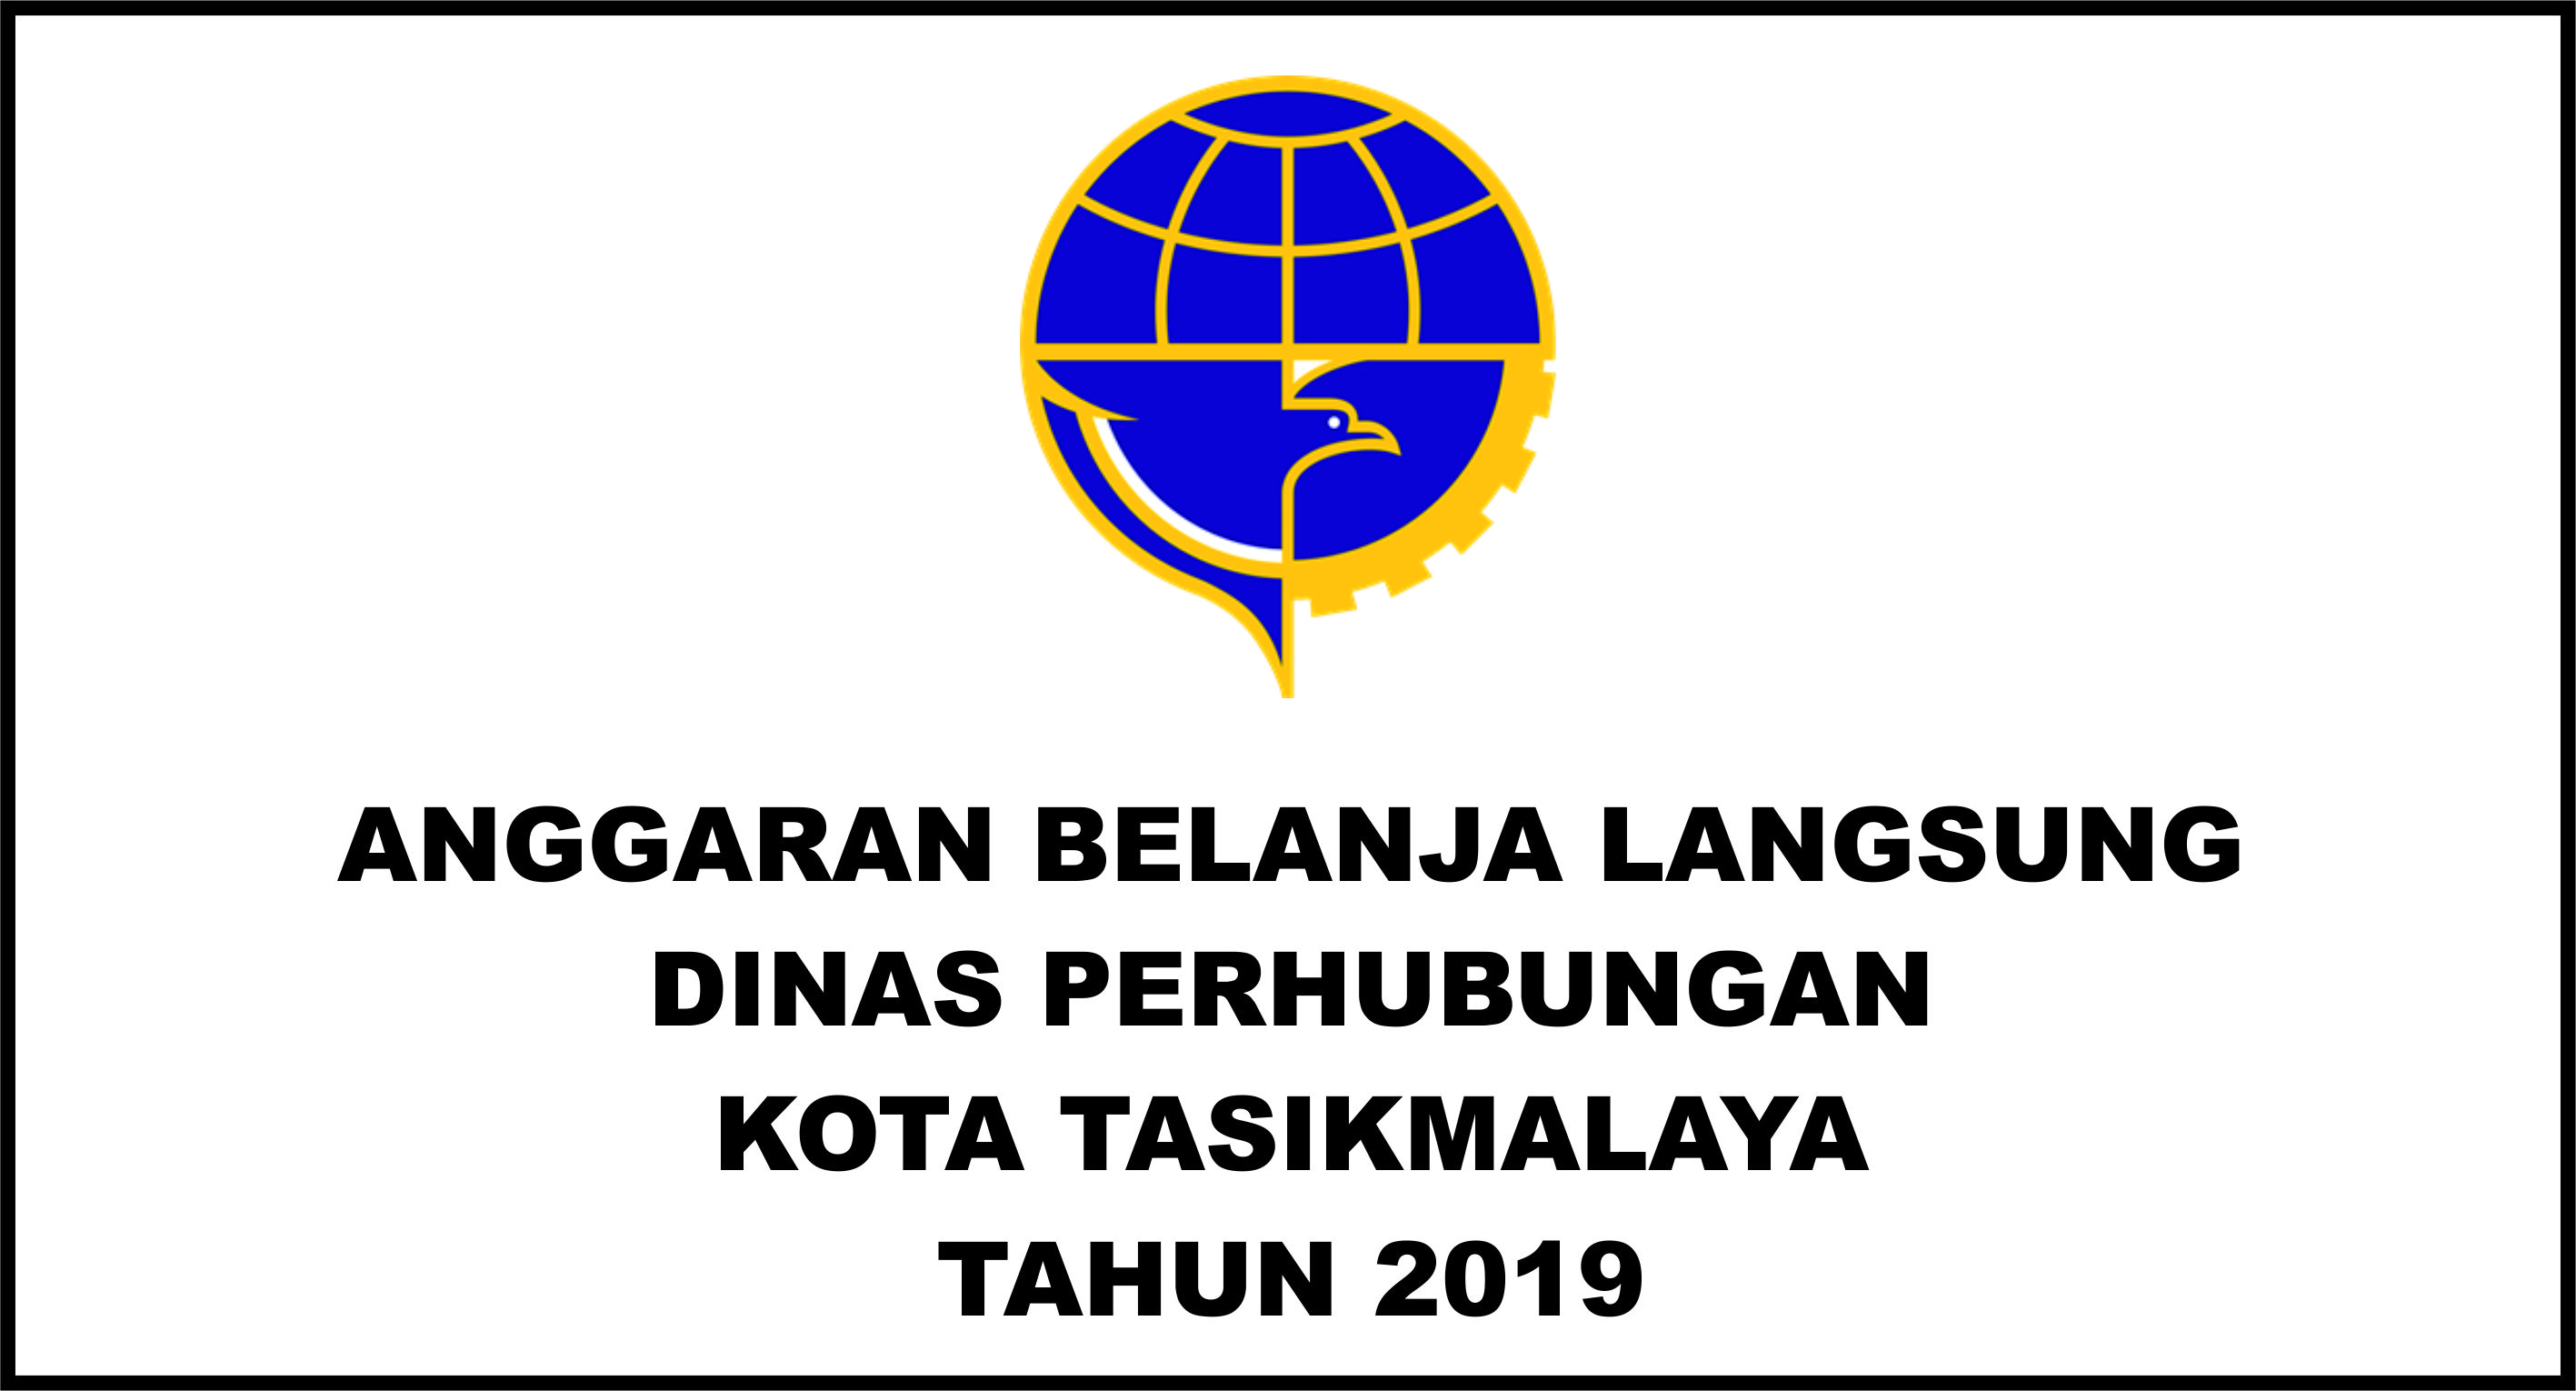 Anggaran Belanja Langsung Dinas Perhubungan Kota Tasikmalaya Tahun 2019